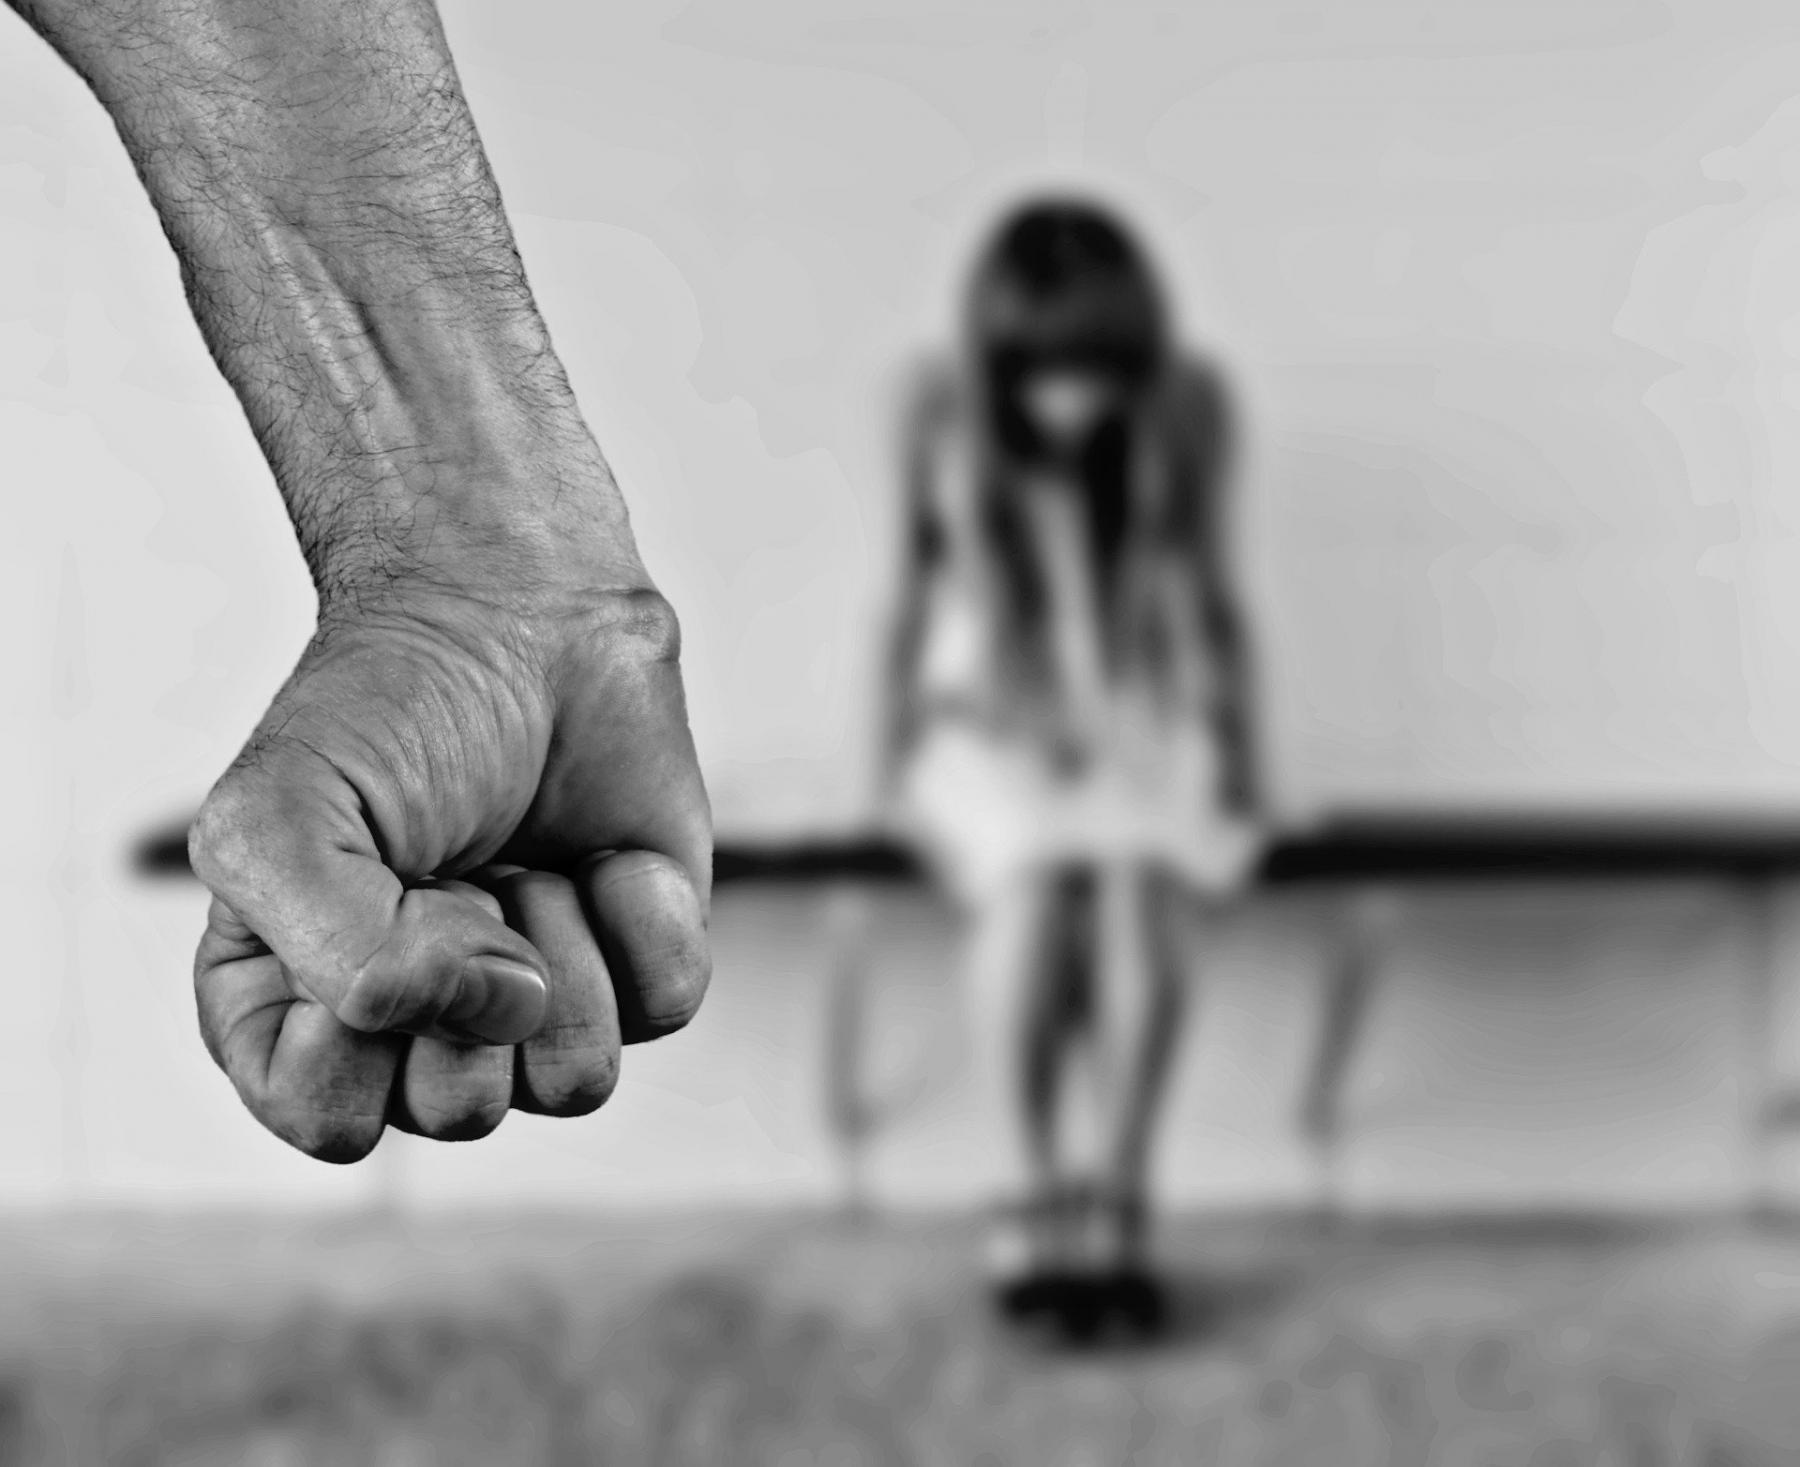 фото Бросил в подвал и избил до смерти: житель Бийска пойдёт под суд за жестокую расправу над женой-инвалидом 2